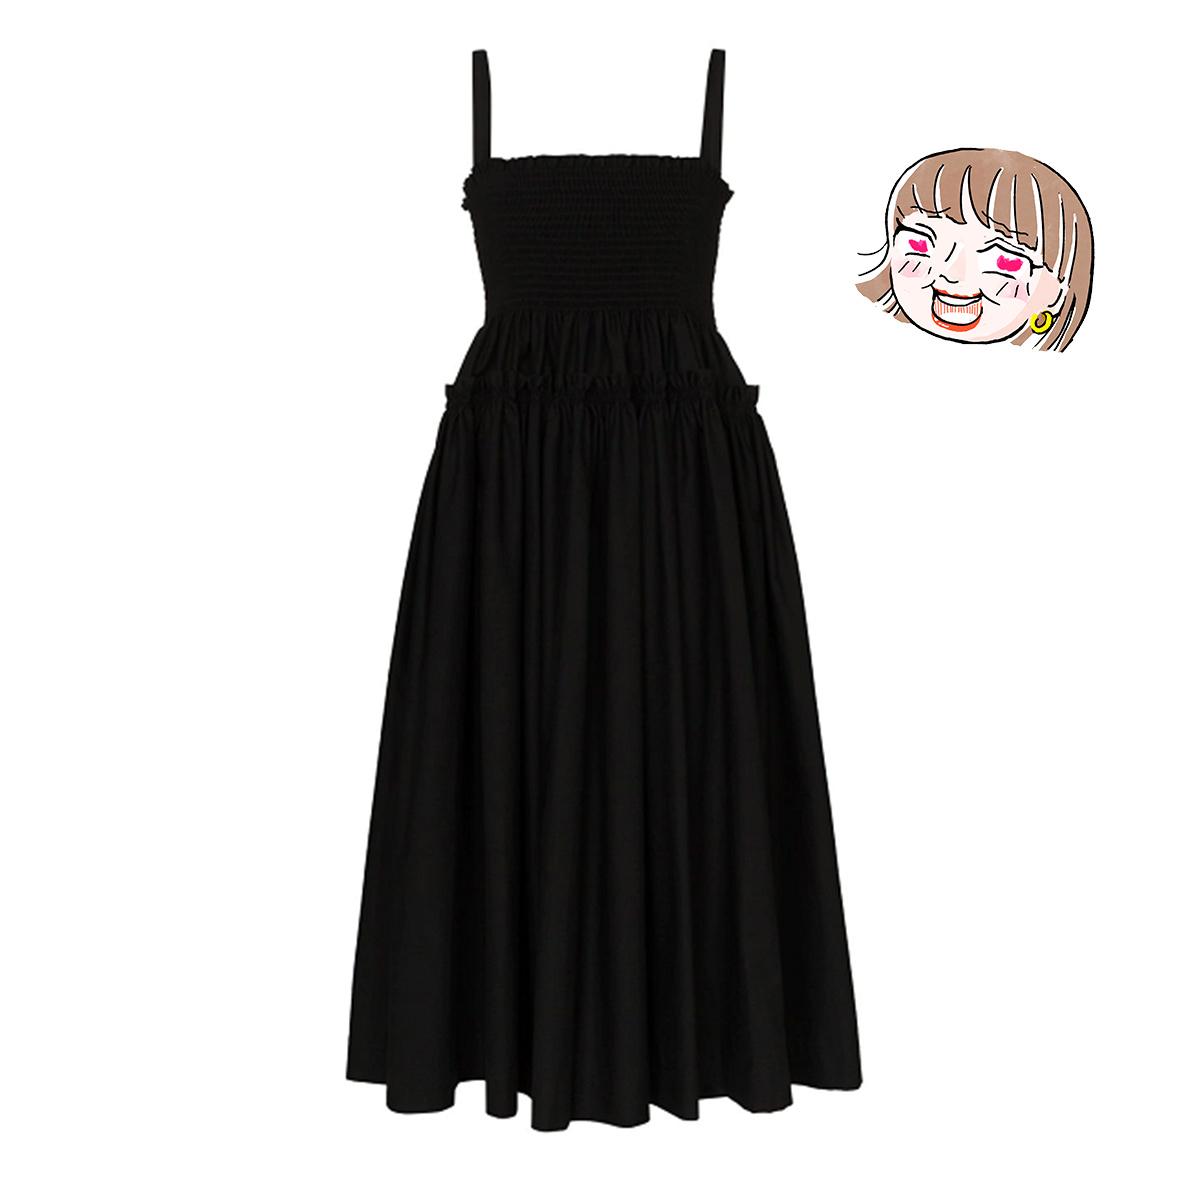 モリー・ゴダードのプリーツドレス by スタイリストS